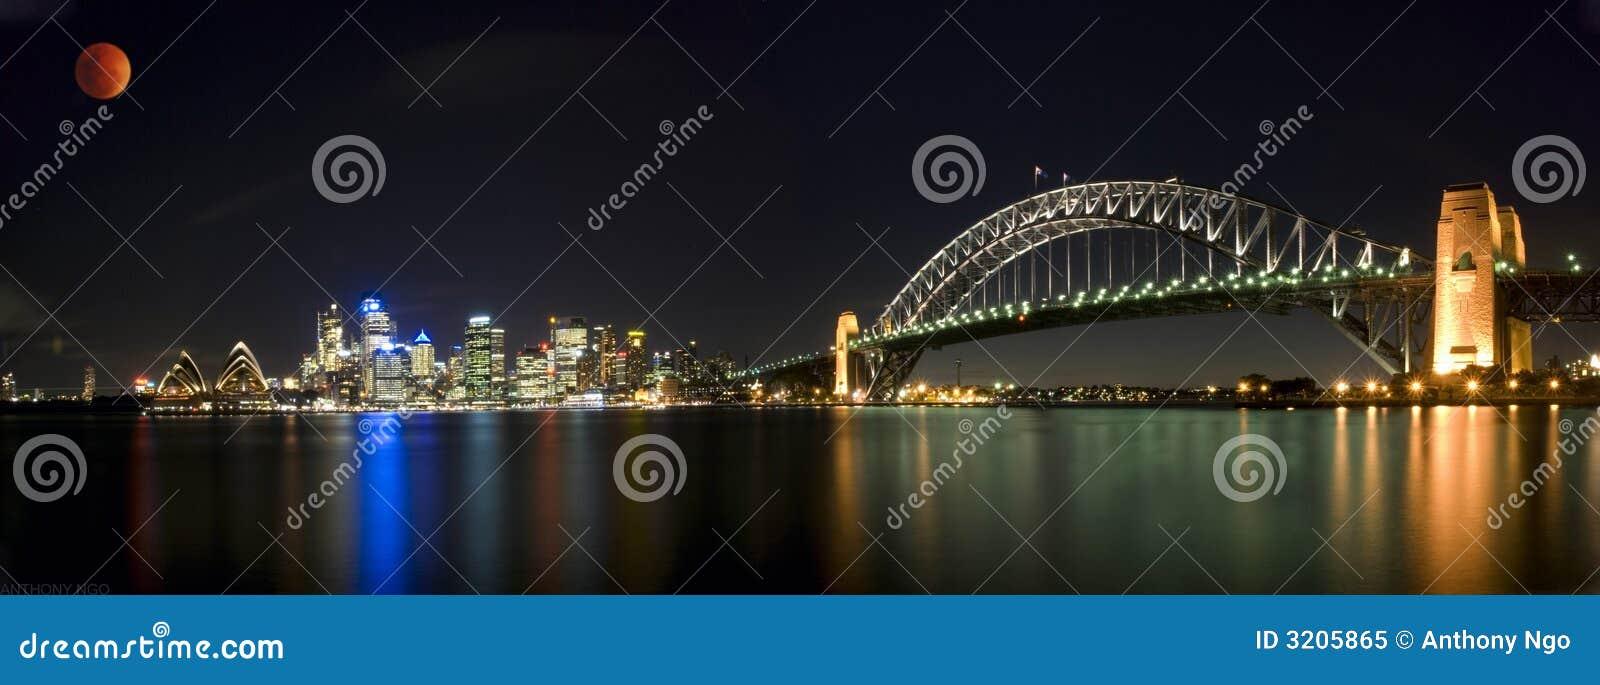 Lunar eclipse dates in Sydney